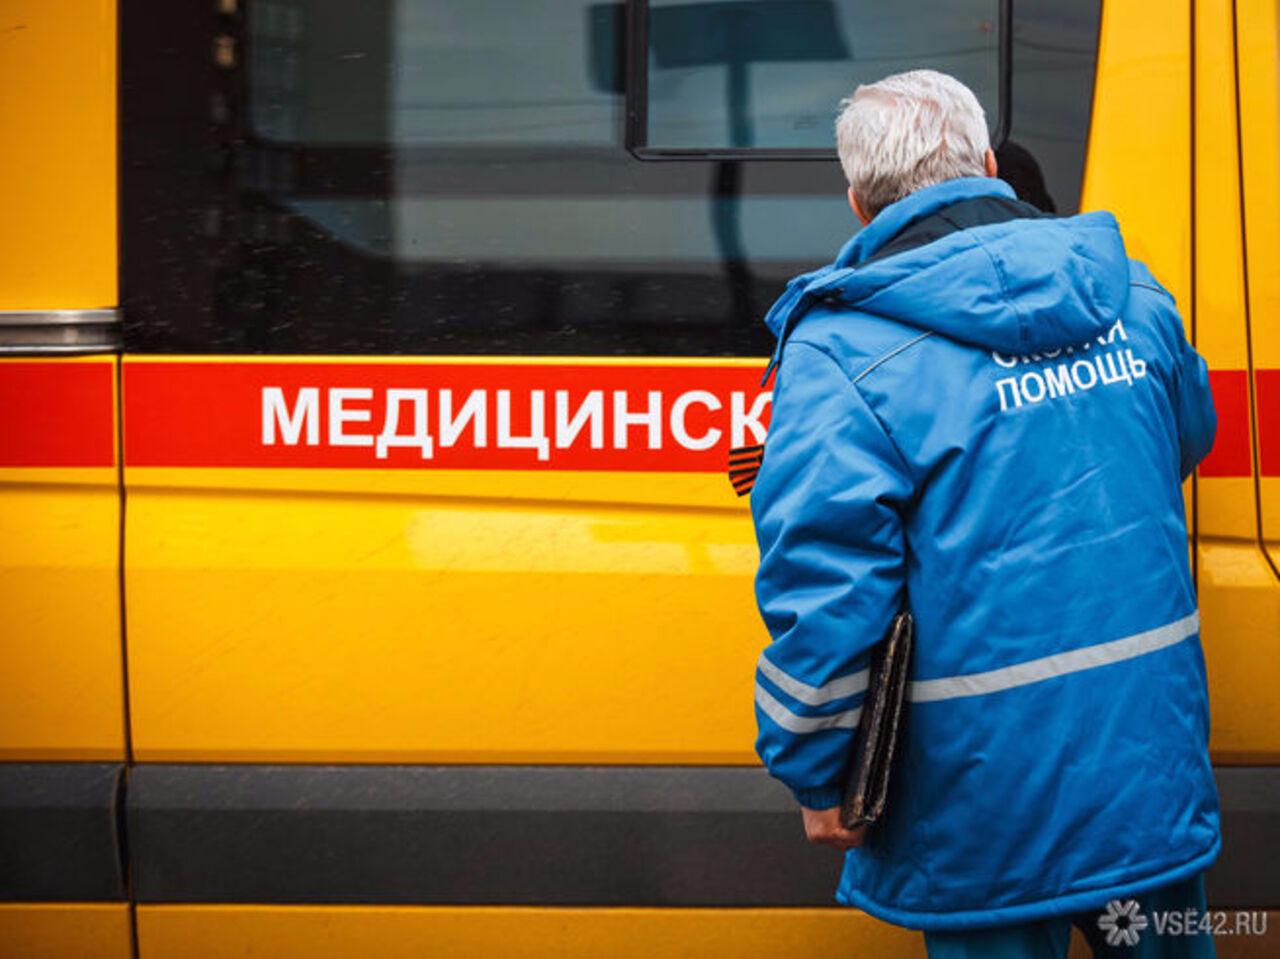 Следователи начали проверку после падения подростка вмусоропровод в столице России